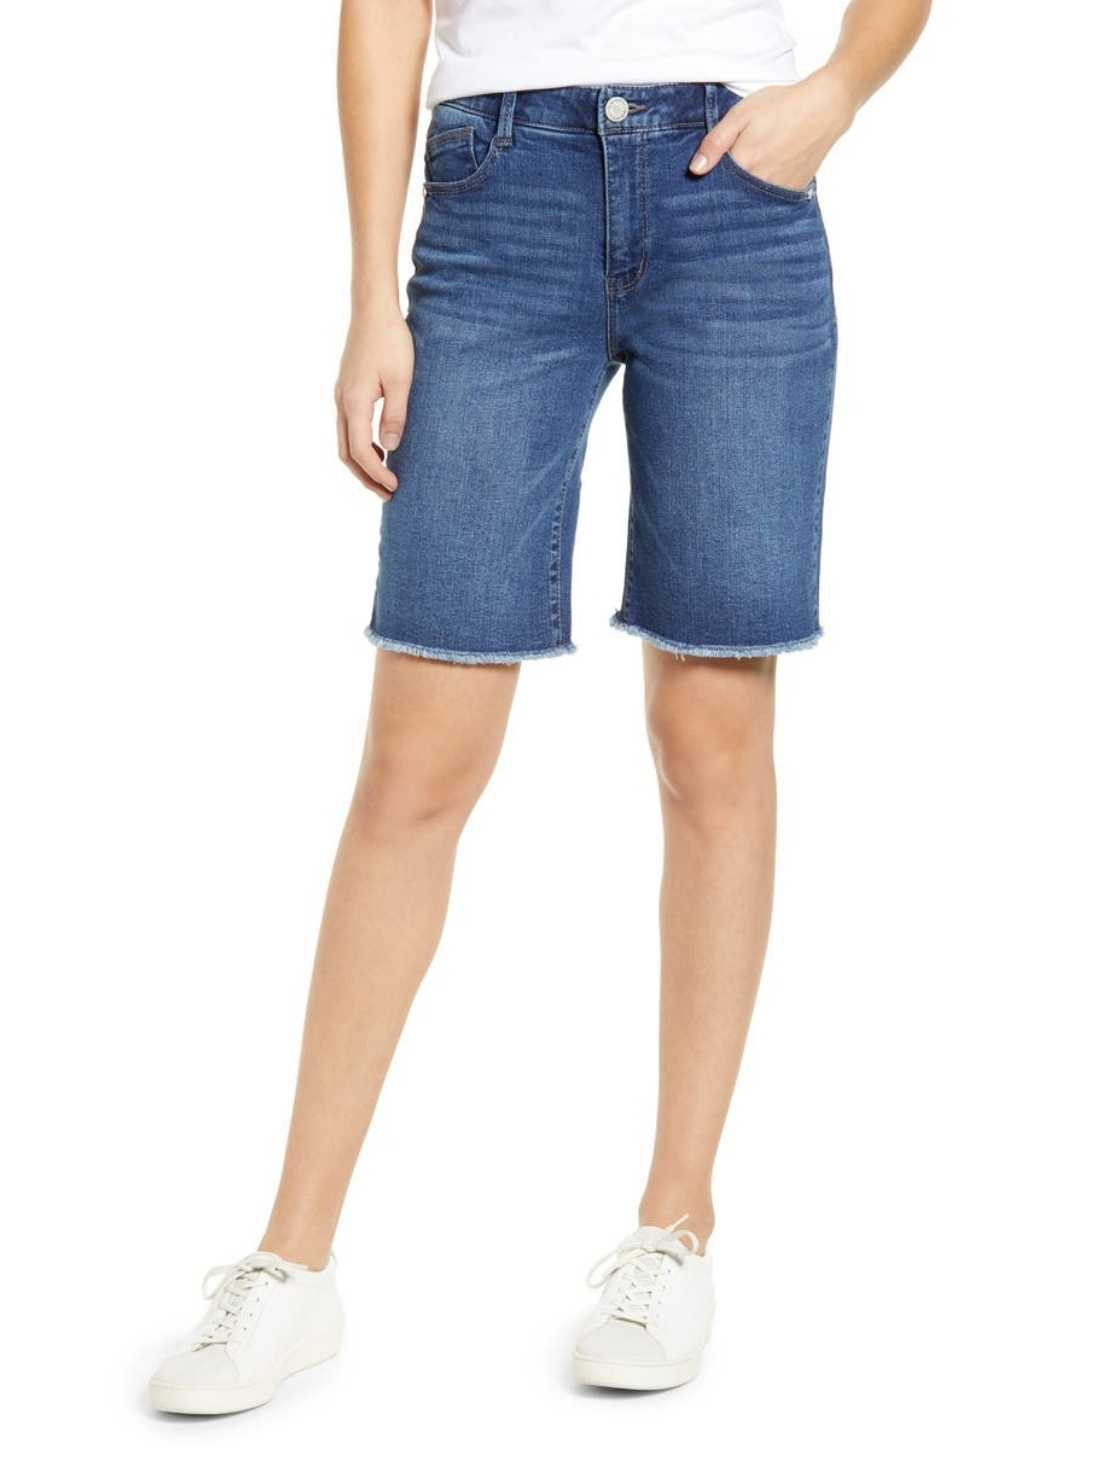 Retro high waist denim bermuda shorts